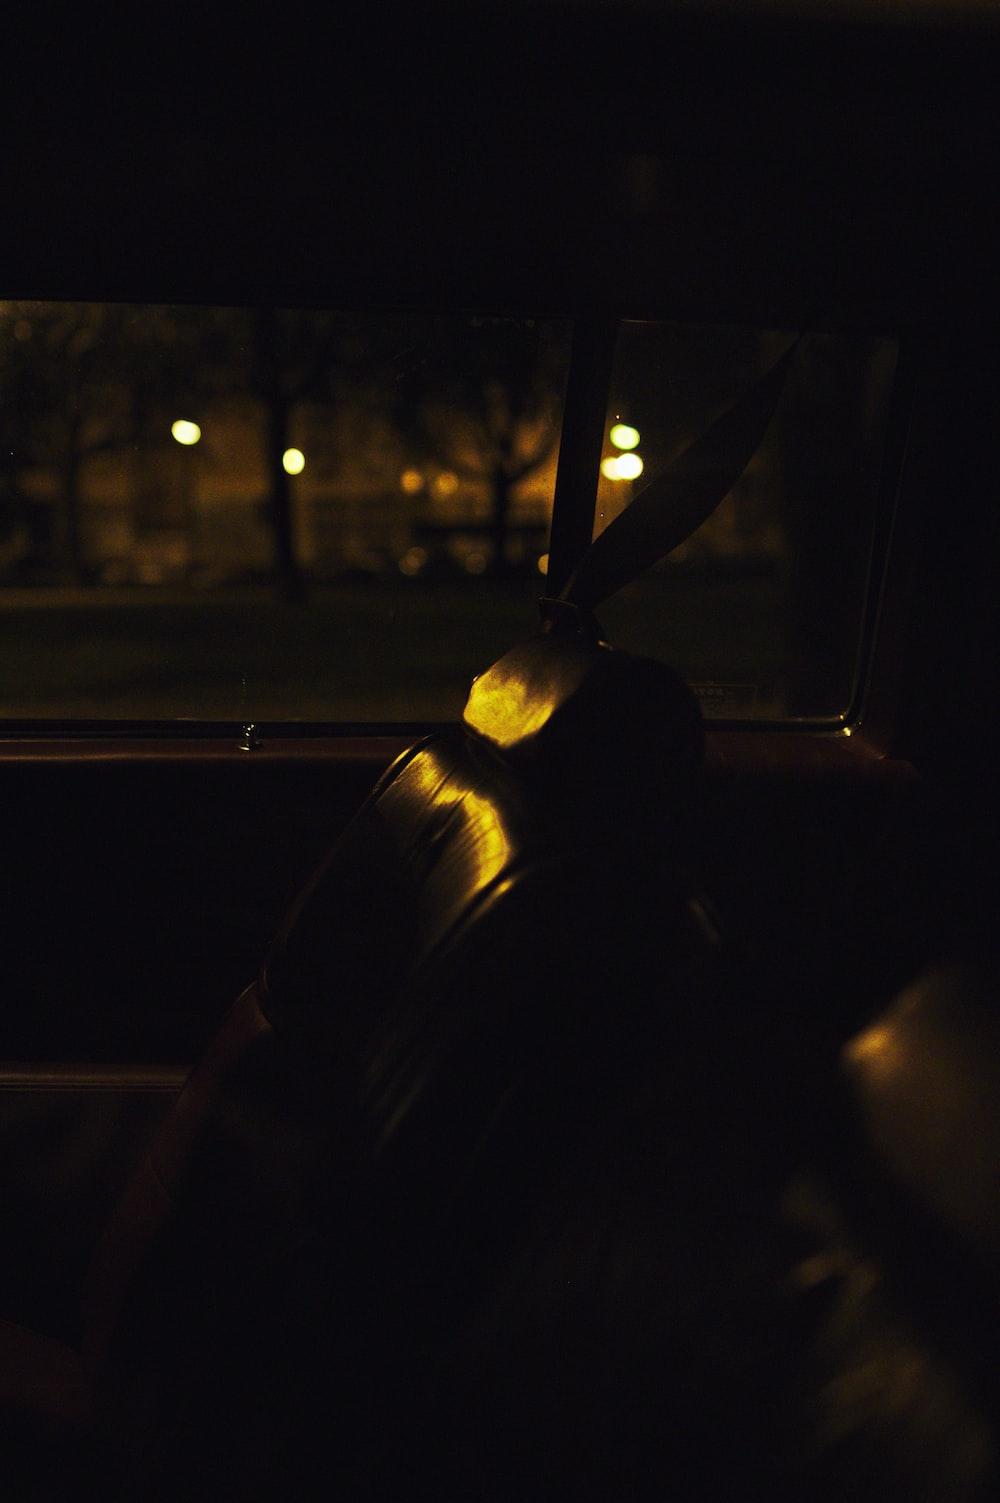 empty vehicle passenger seat at nighttime